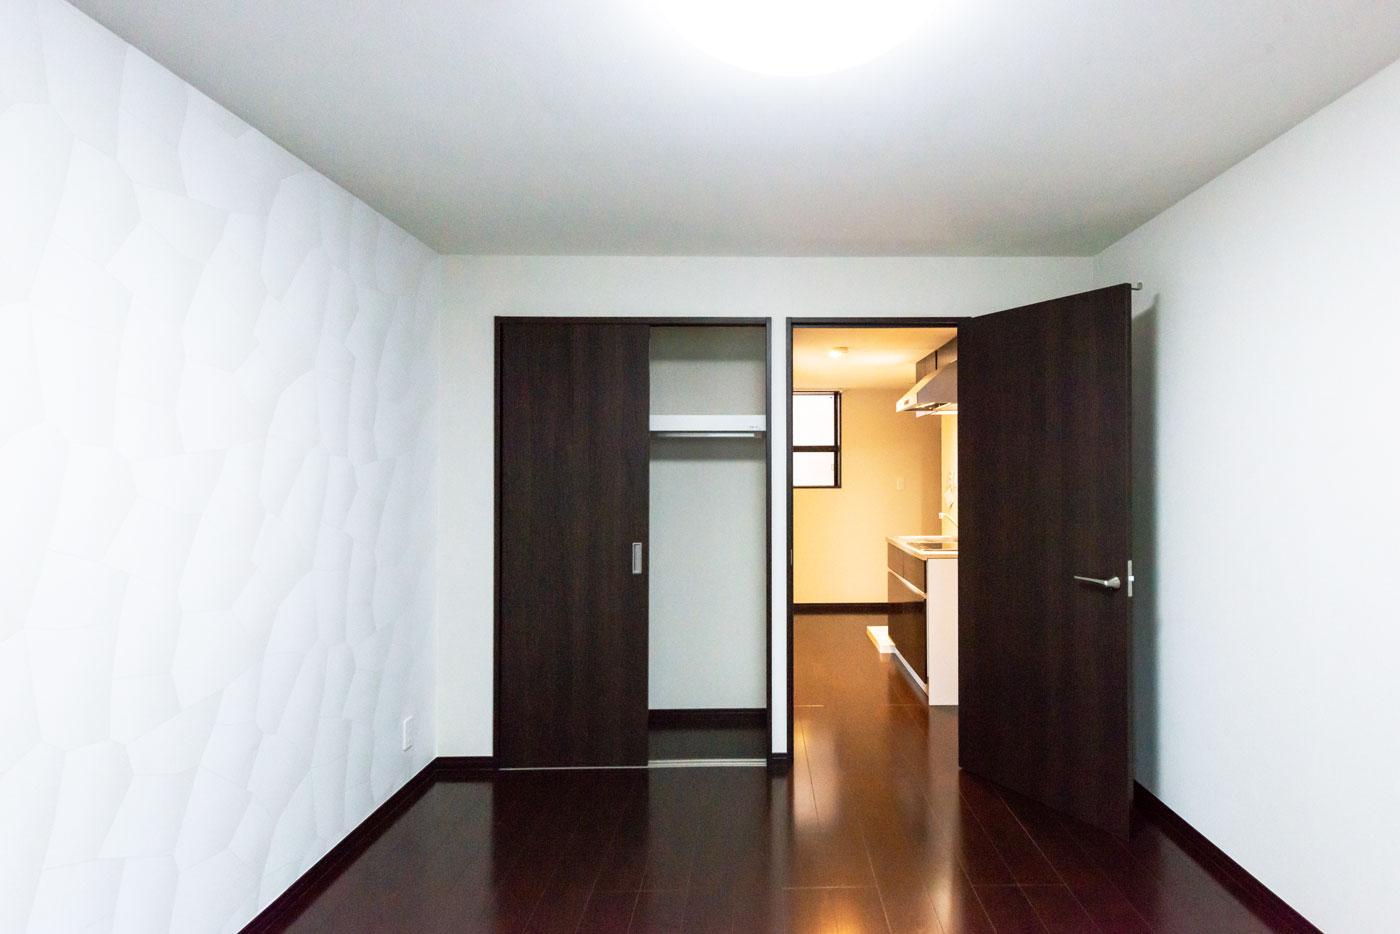 203-1 洋室から玄関方向を見たところ